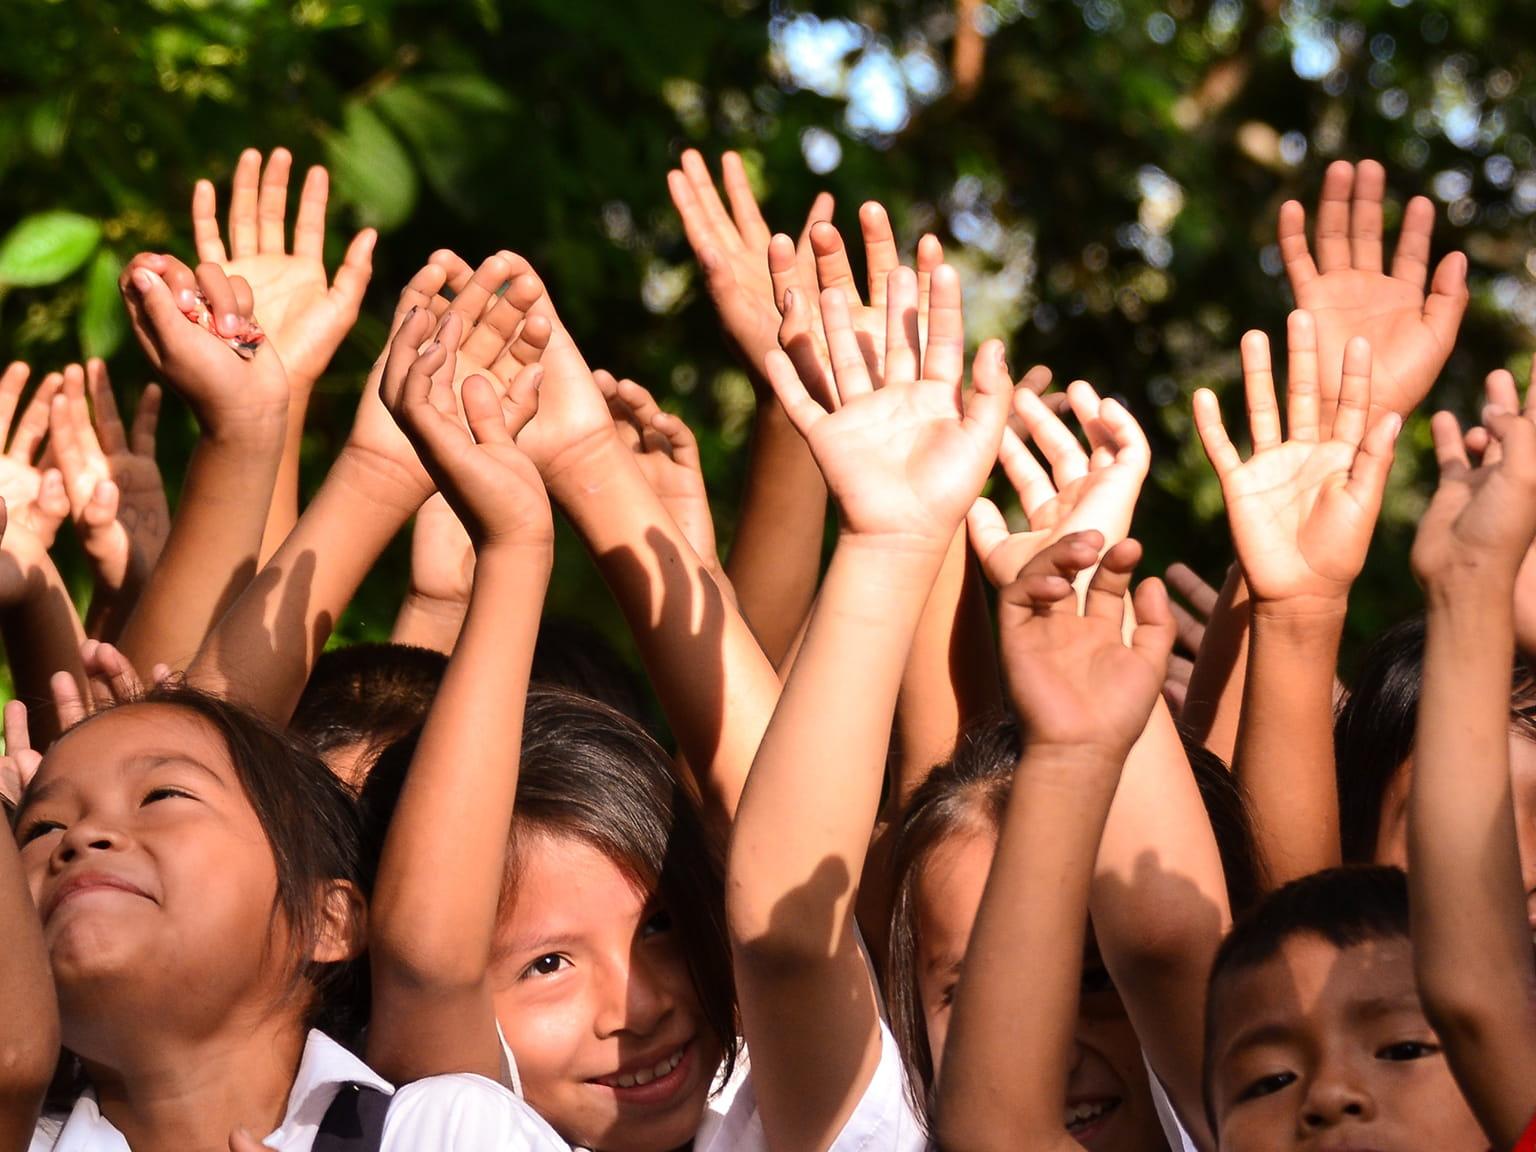 Kids waving hands